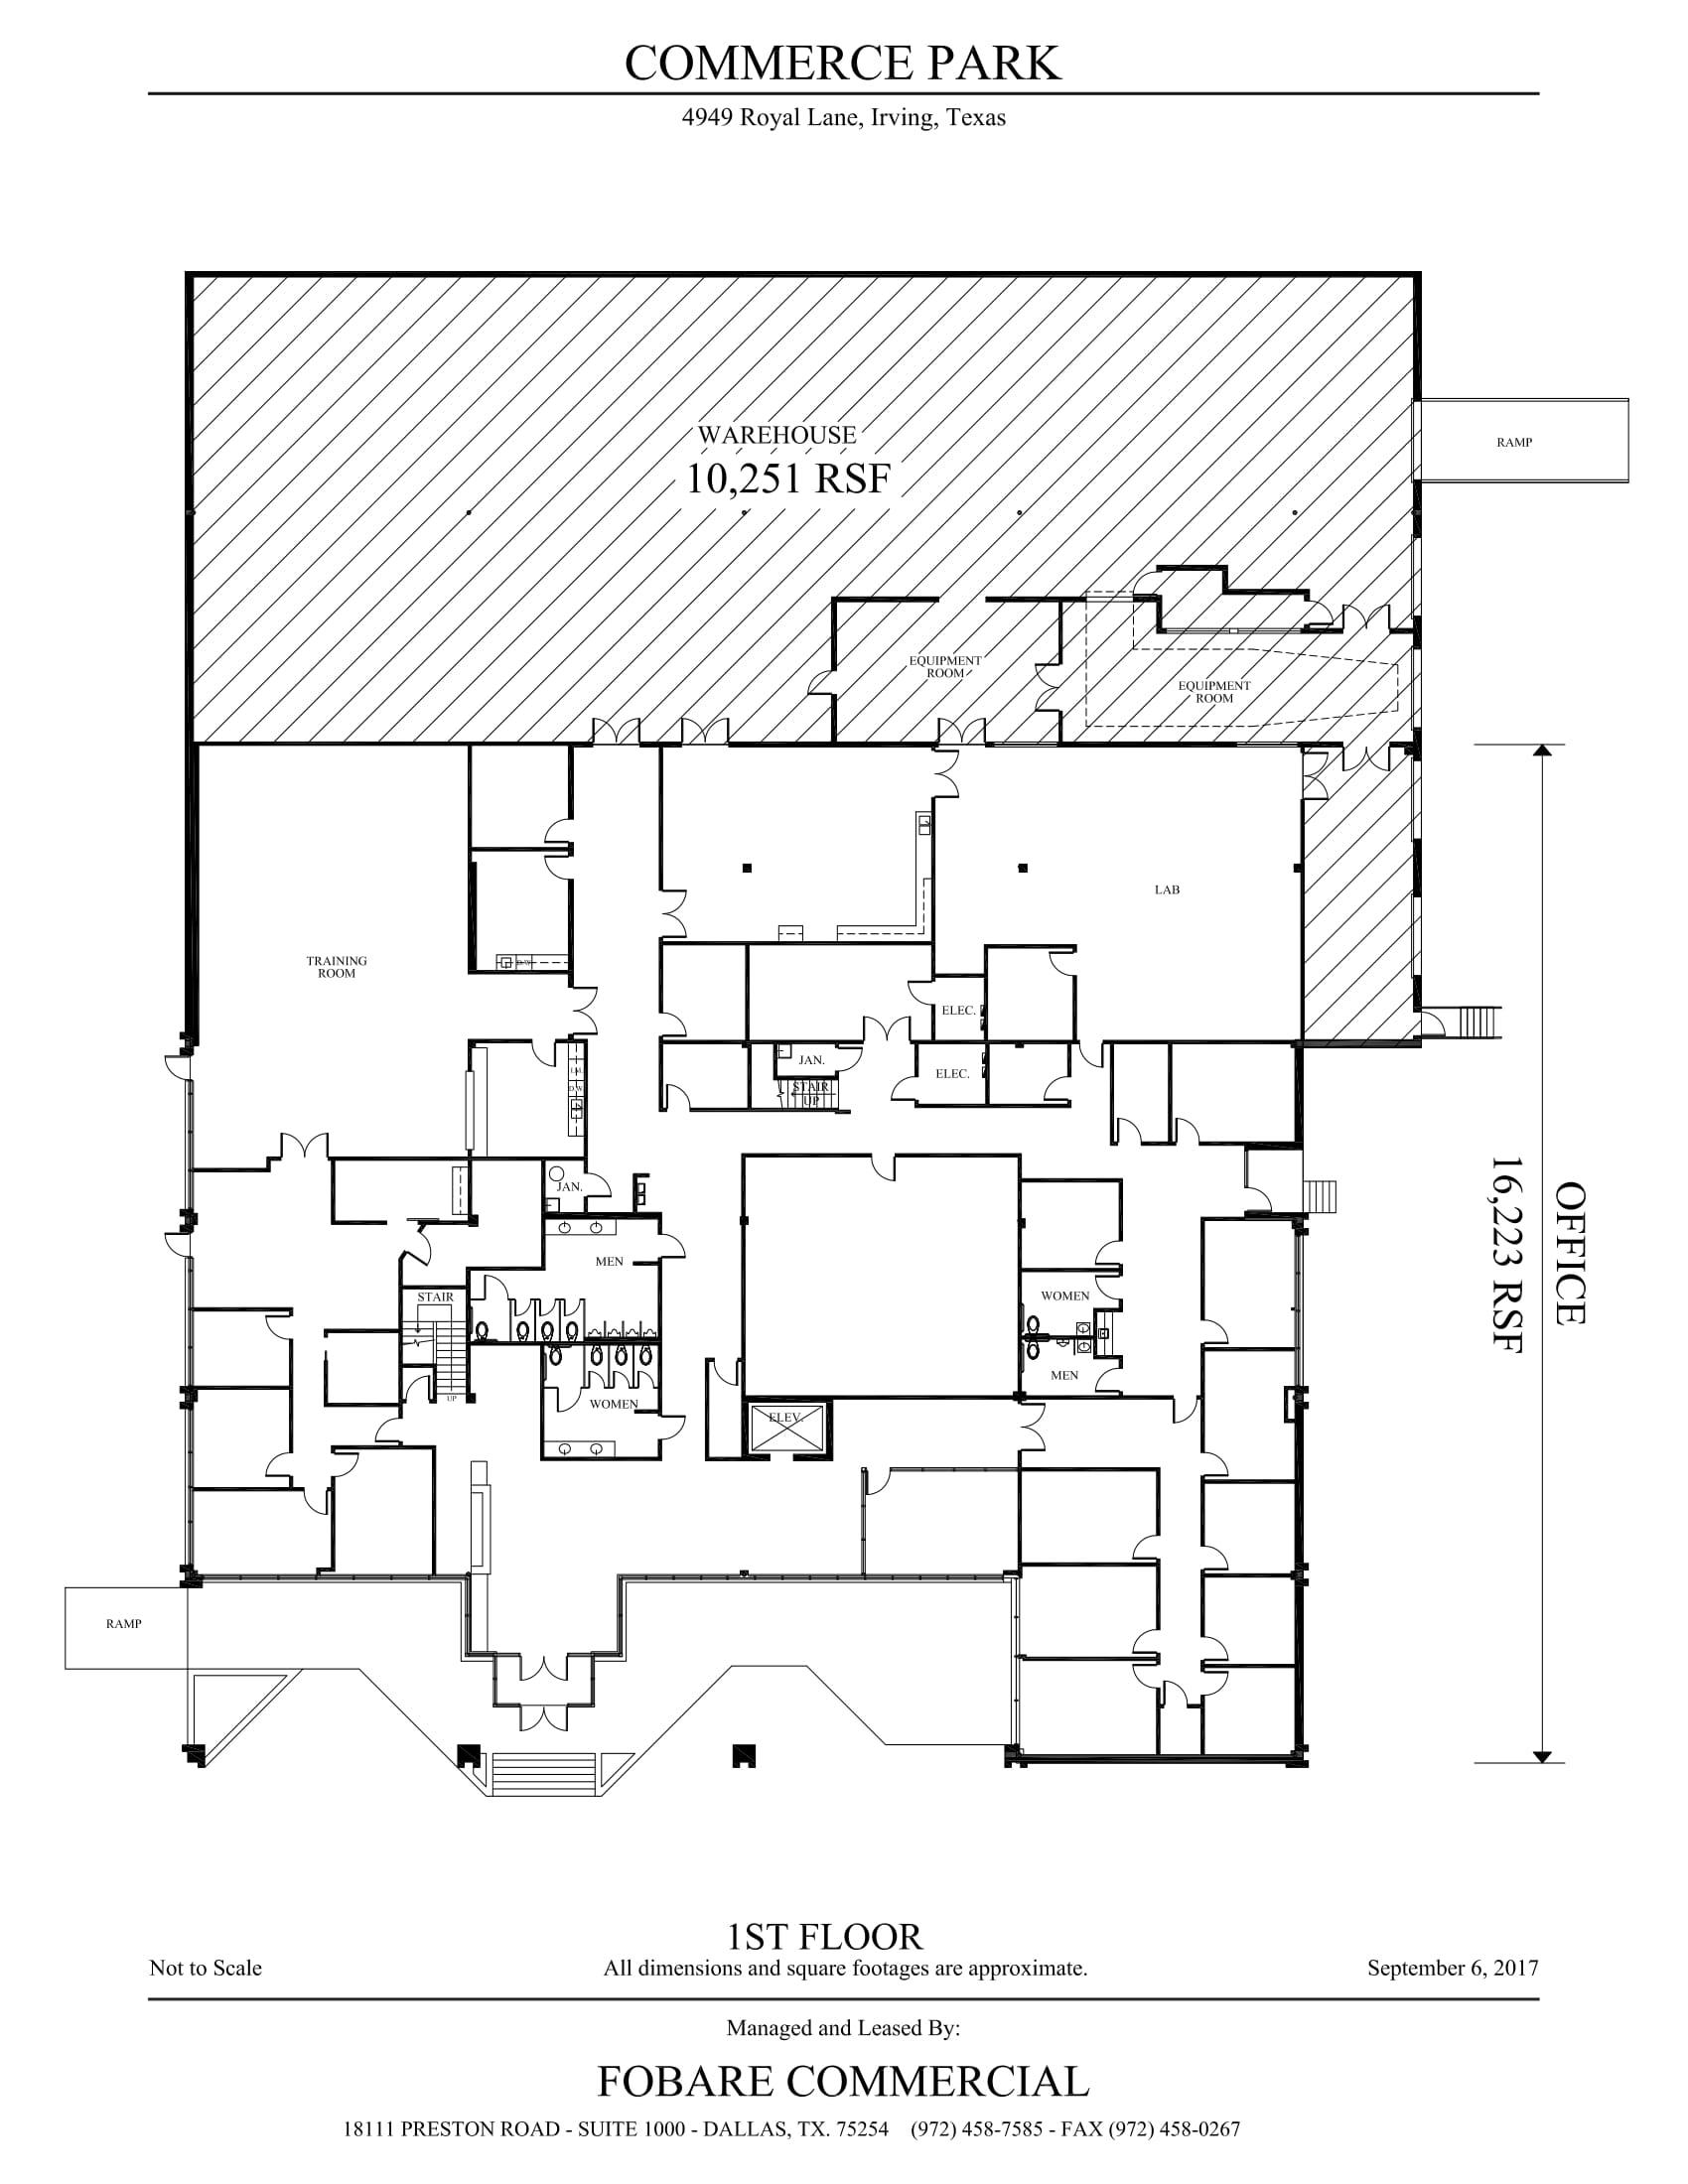 4949 Royal Lane - Commerce - 1st Floor - SF Calc (9-6-17)-1